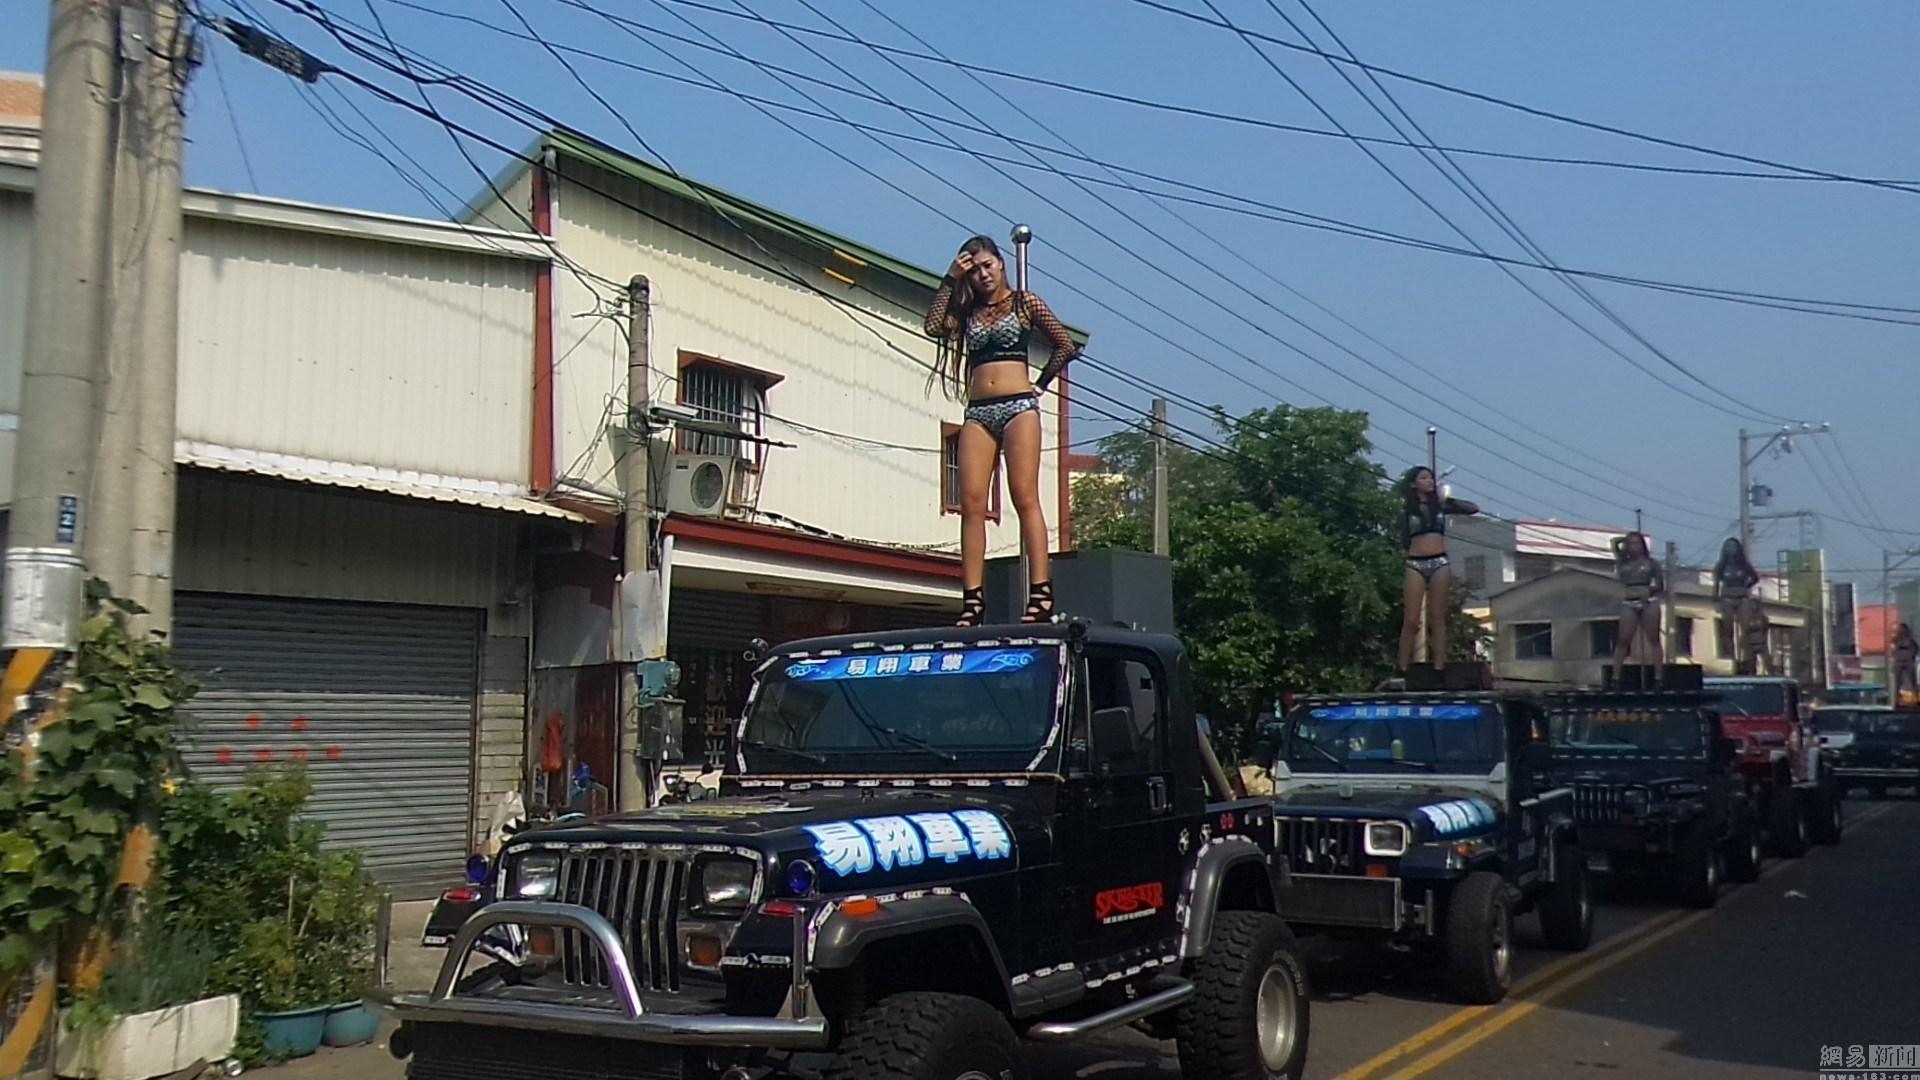 明升m88.com县城前议长出殡 50辆车载女郎跳钢管舞